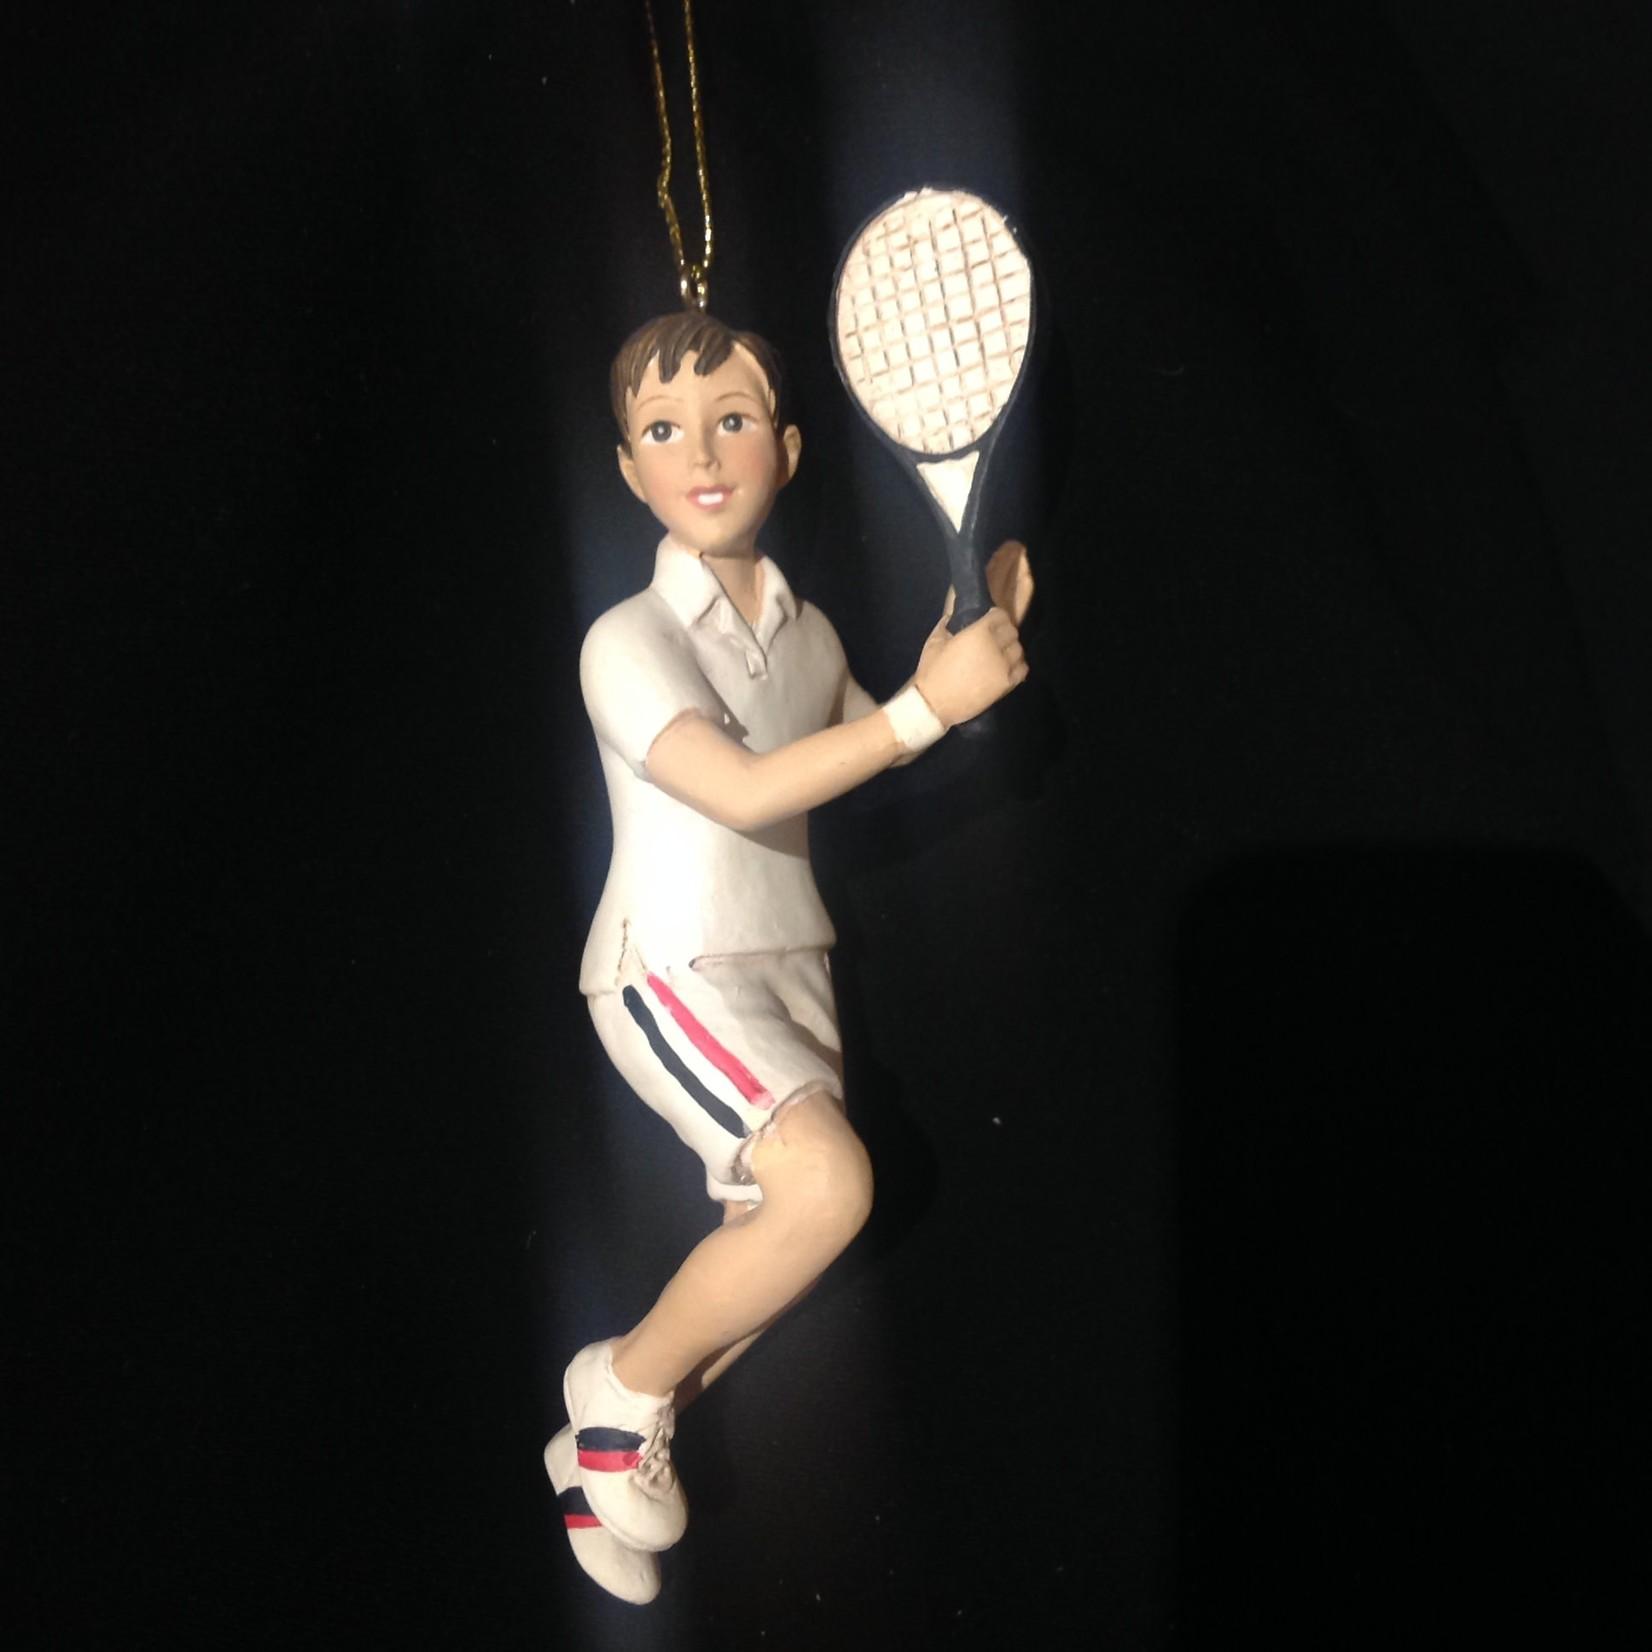 Boy Tennis Orn